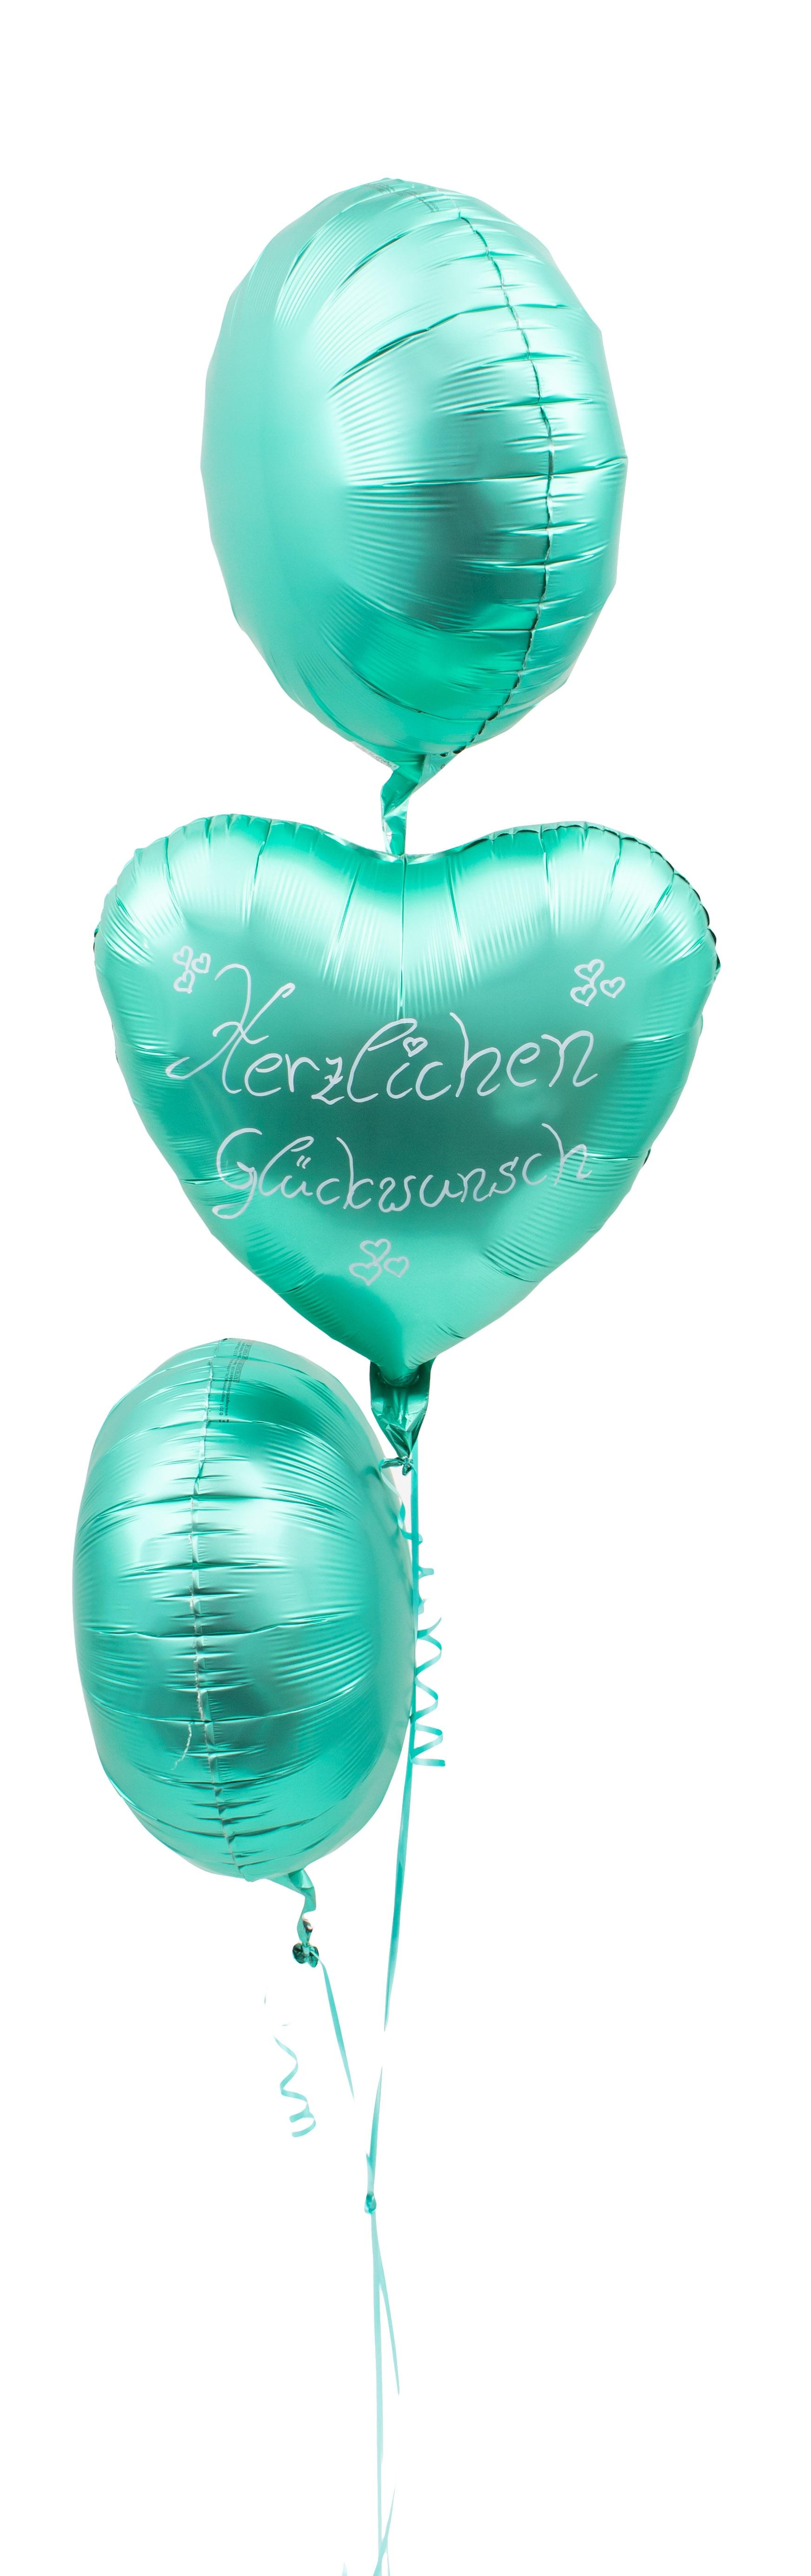 Ballon Strauß Satin Grün Handbeschriftet